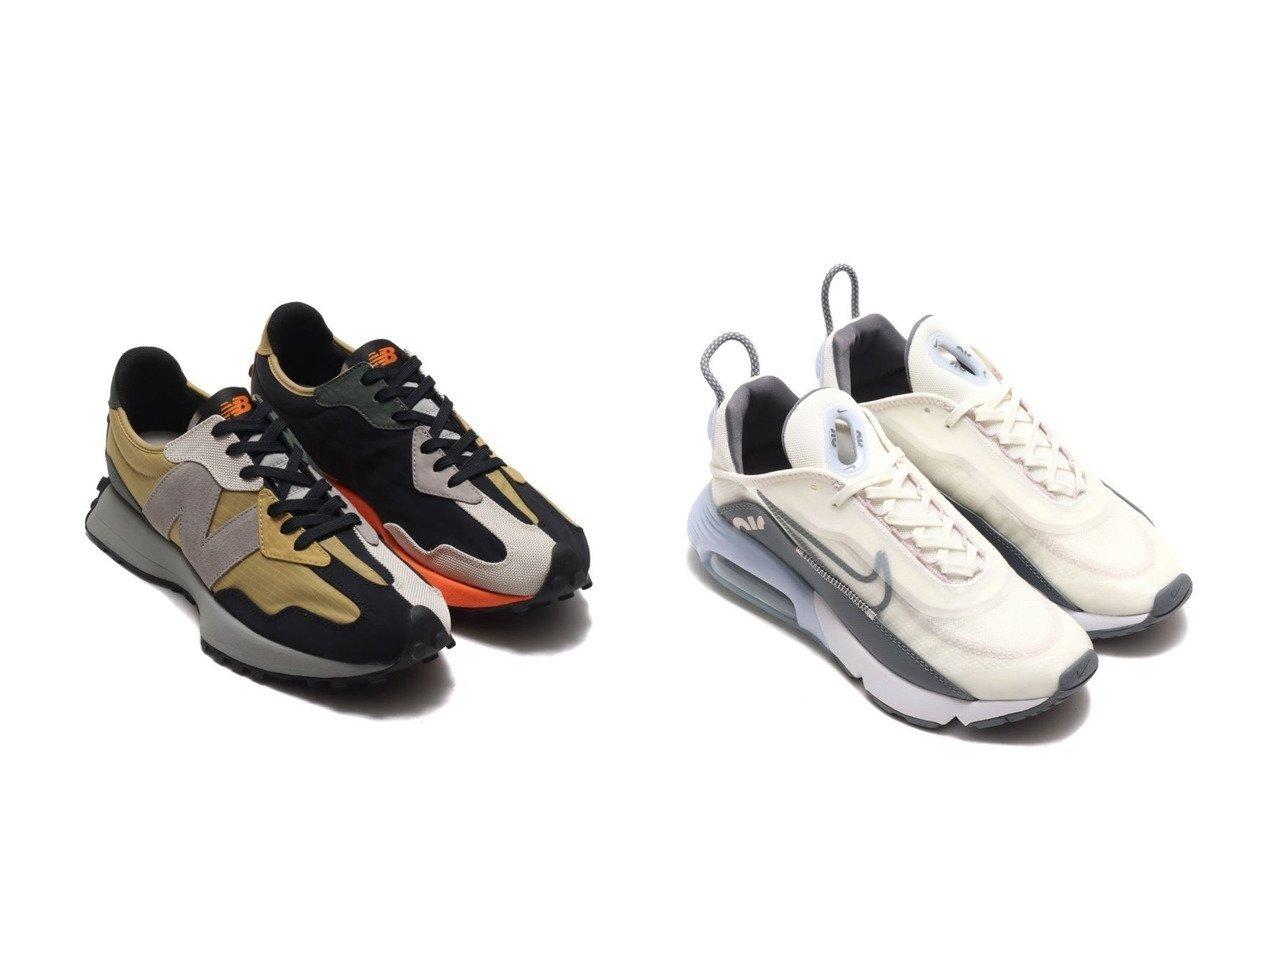 【NIKE/ナイキ】のundefined&【new balance/ニューバランス】のNew Balance MS327PB 【シューズ・靴】おすすめ!人気、トレンド・レディースファッションの通販 おすすめで人気の流行・トレンド、ファッションの通販商品 メンズファッション・キッズファッション・インテリア・家具・レディースファッション・服の通販 founy(ファニー) https://founy.com/ ファッション Fashion レディースファッション WOMEN NEW・新作・新着・新入荷 New Arrivals シューズ スニーカー スリッポン バランス パッチワーク ビッグ モダン ランニング メッシュ |ID:crp329100000027847